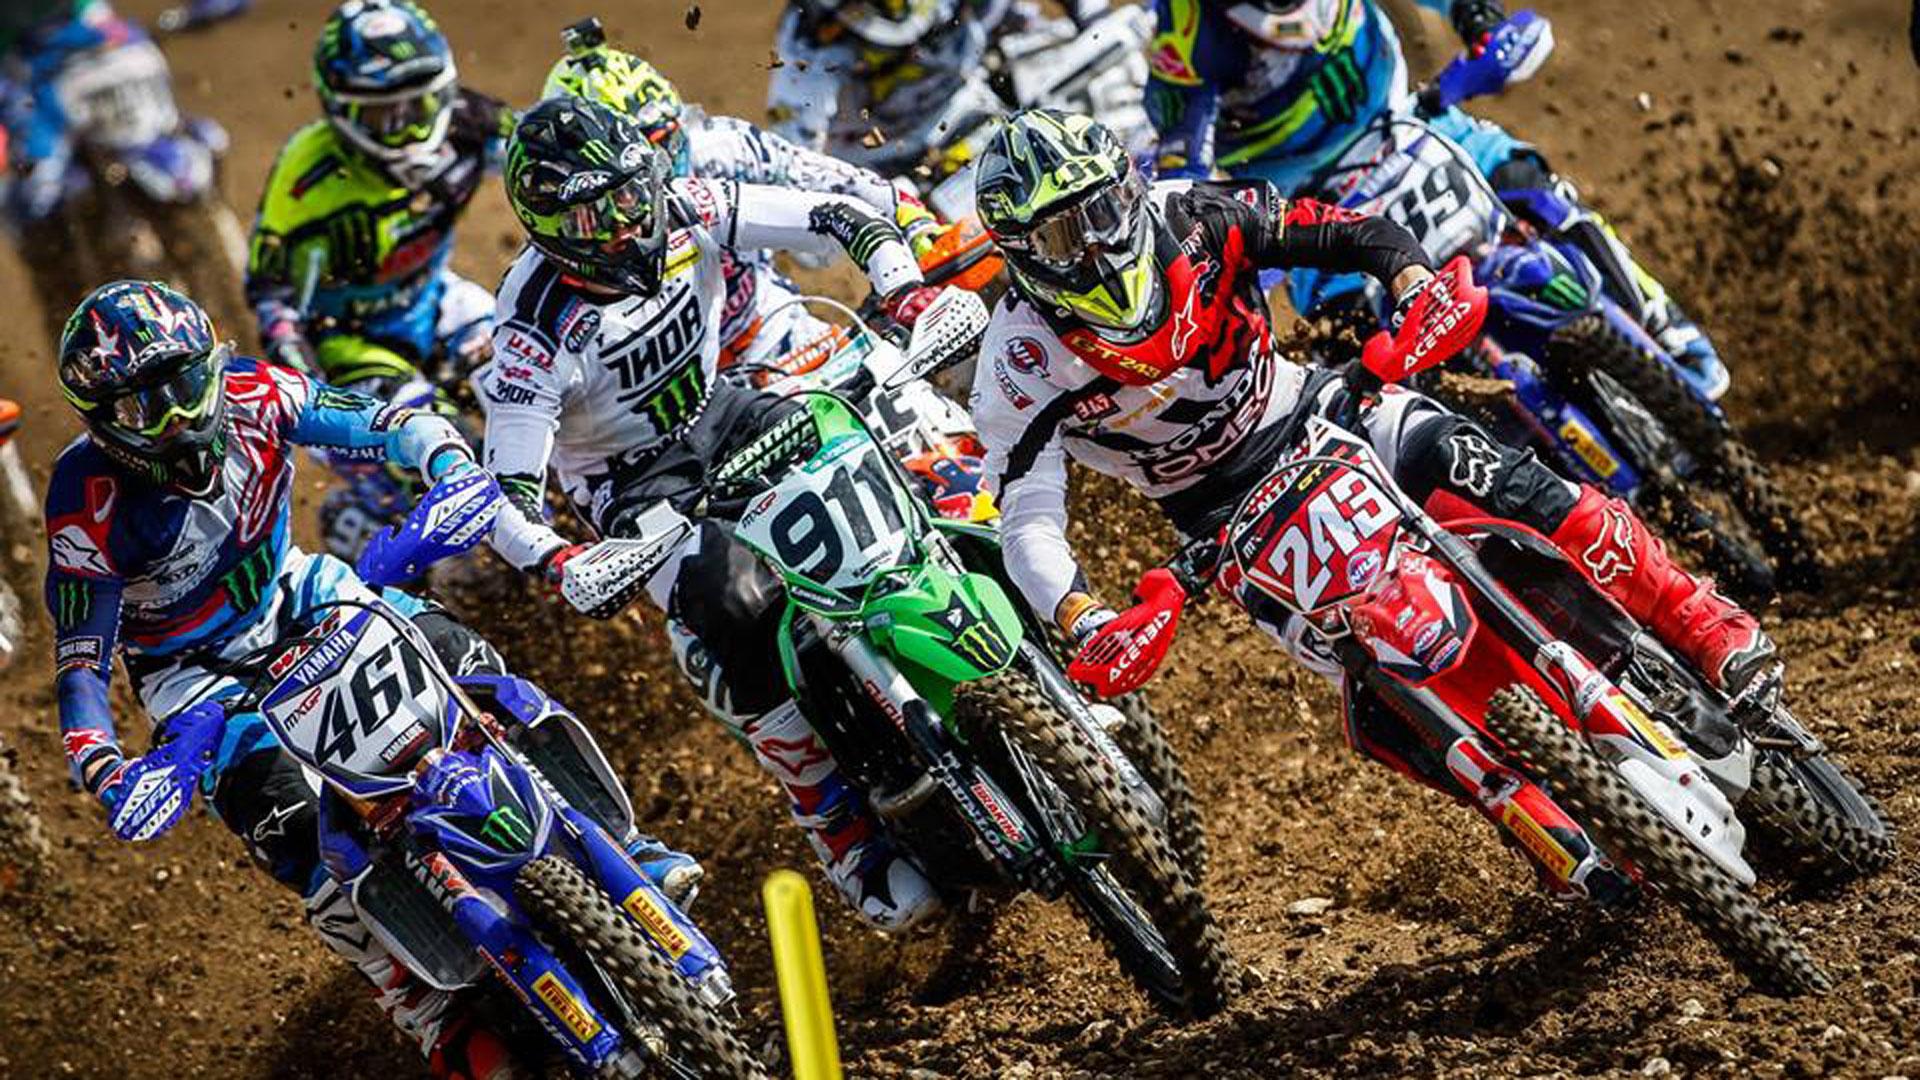 Cerca de 30.000 personas presenciaron la tercera fecha del Mundial de Motocross que tuvo como protagonista principal a Tim Gajser